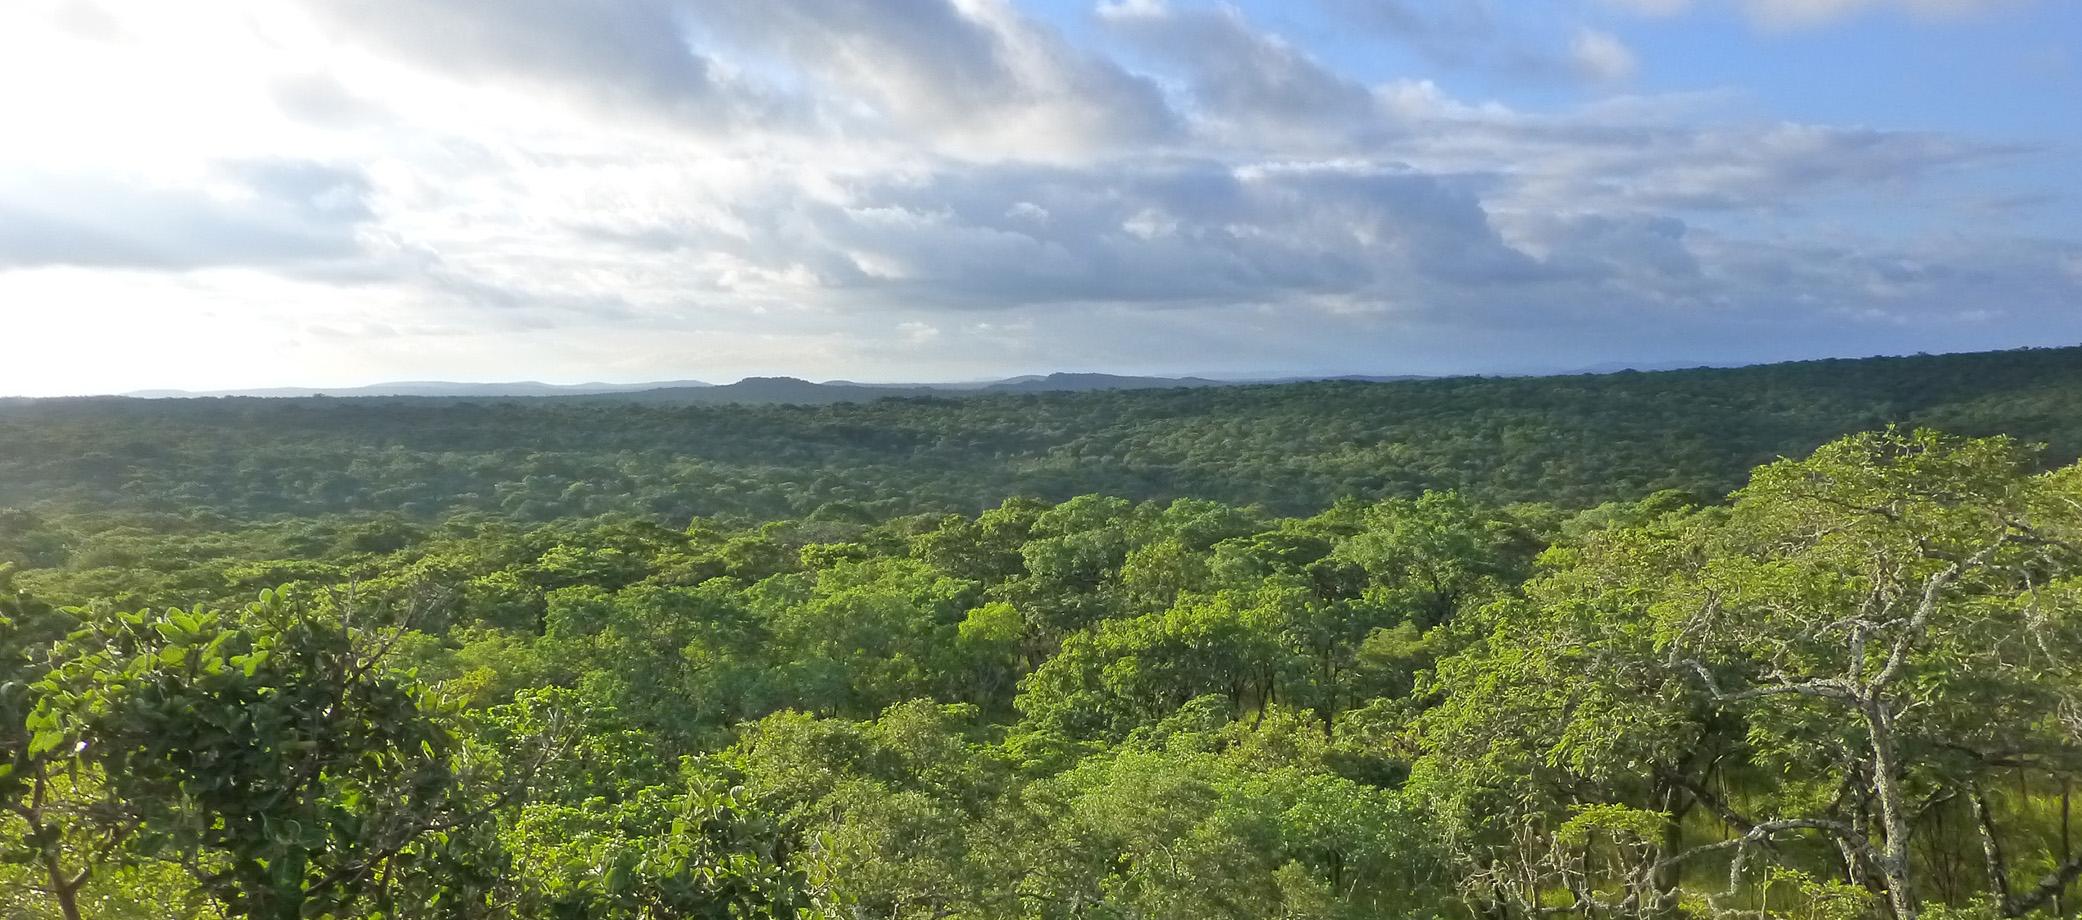 Zambia 2082x920 1